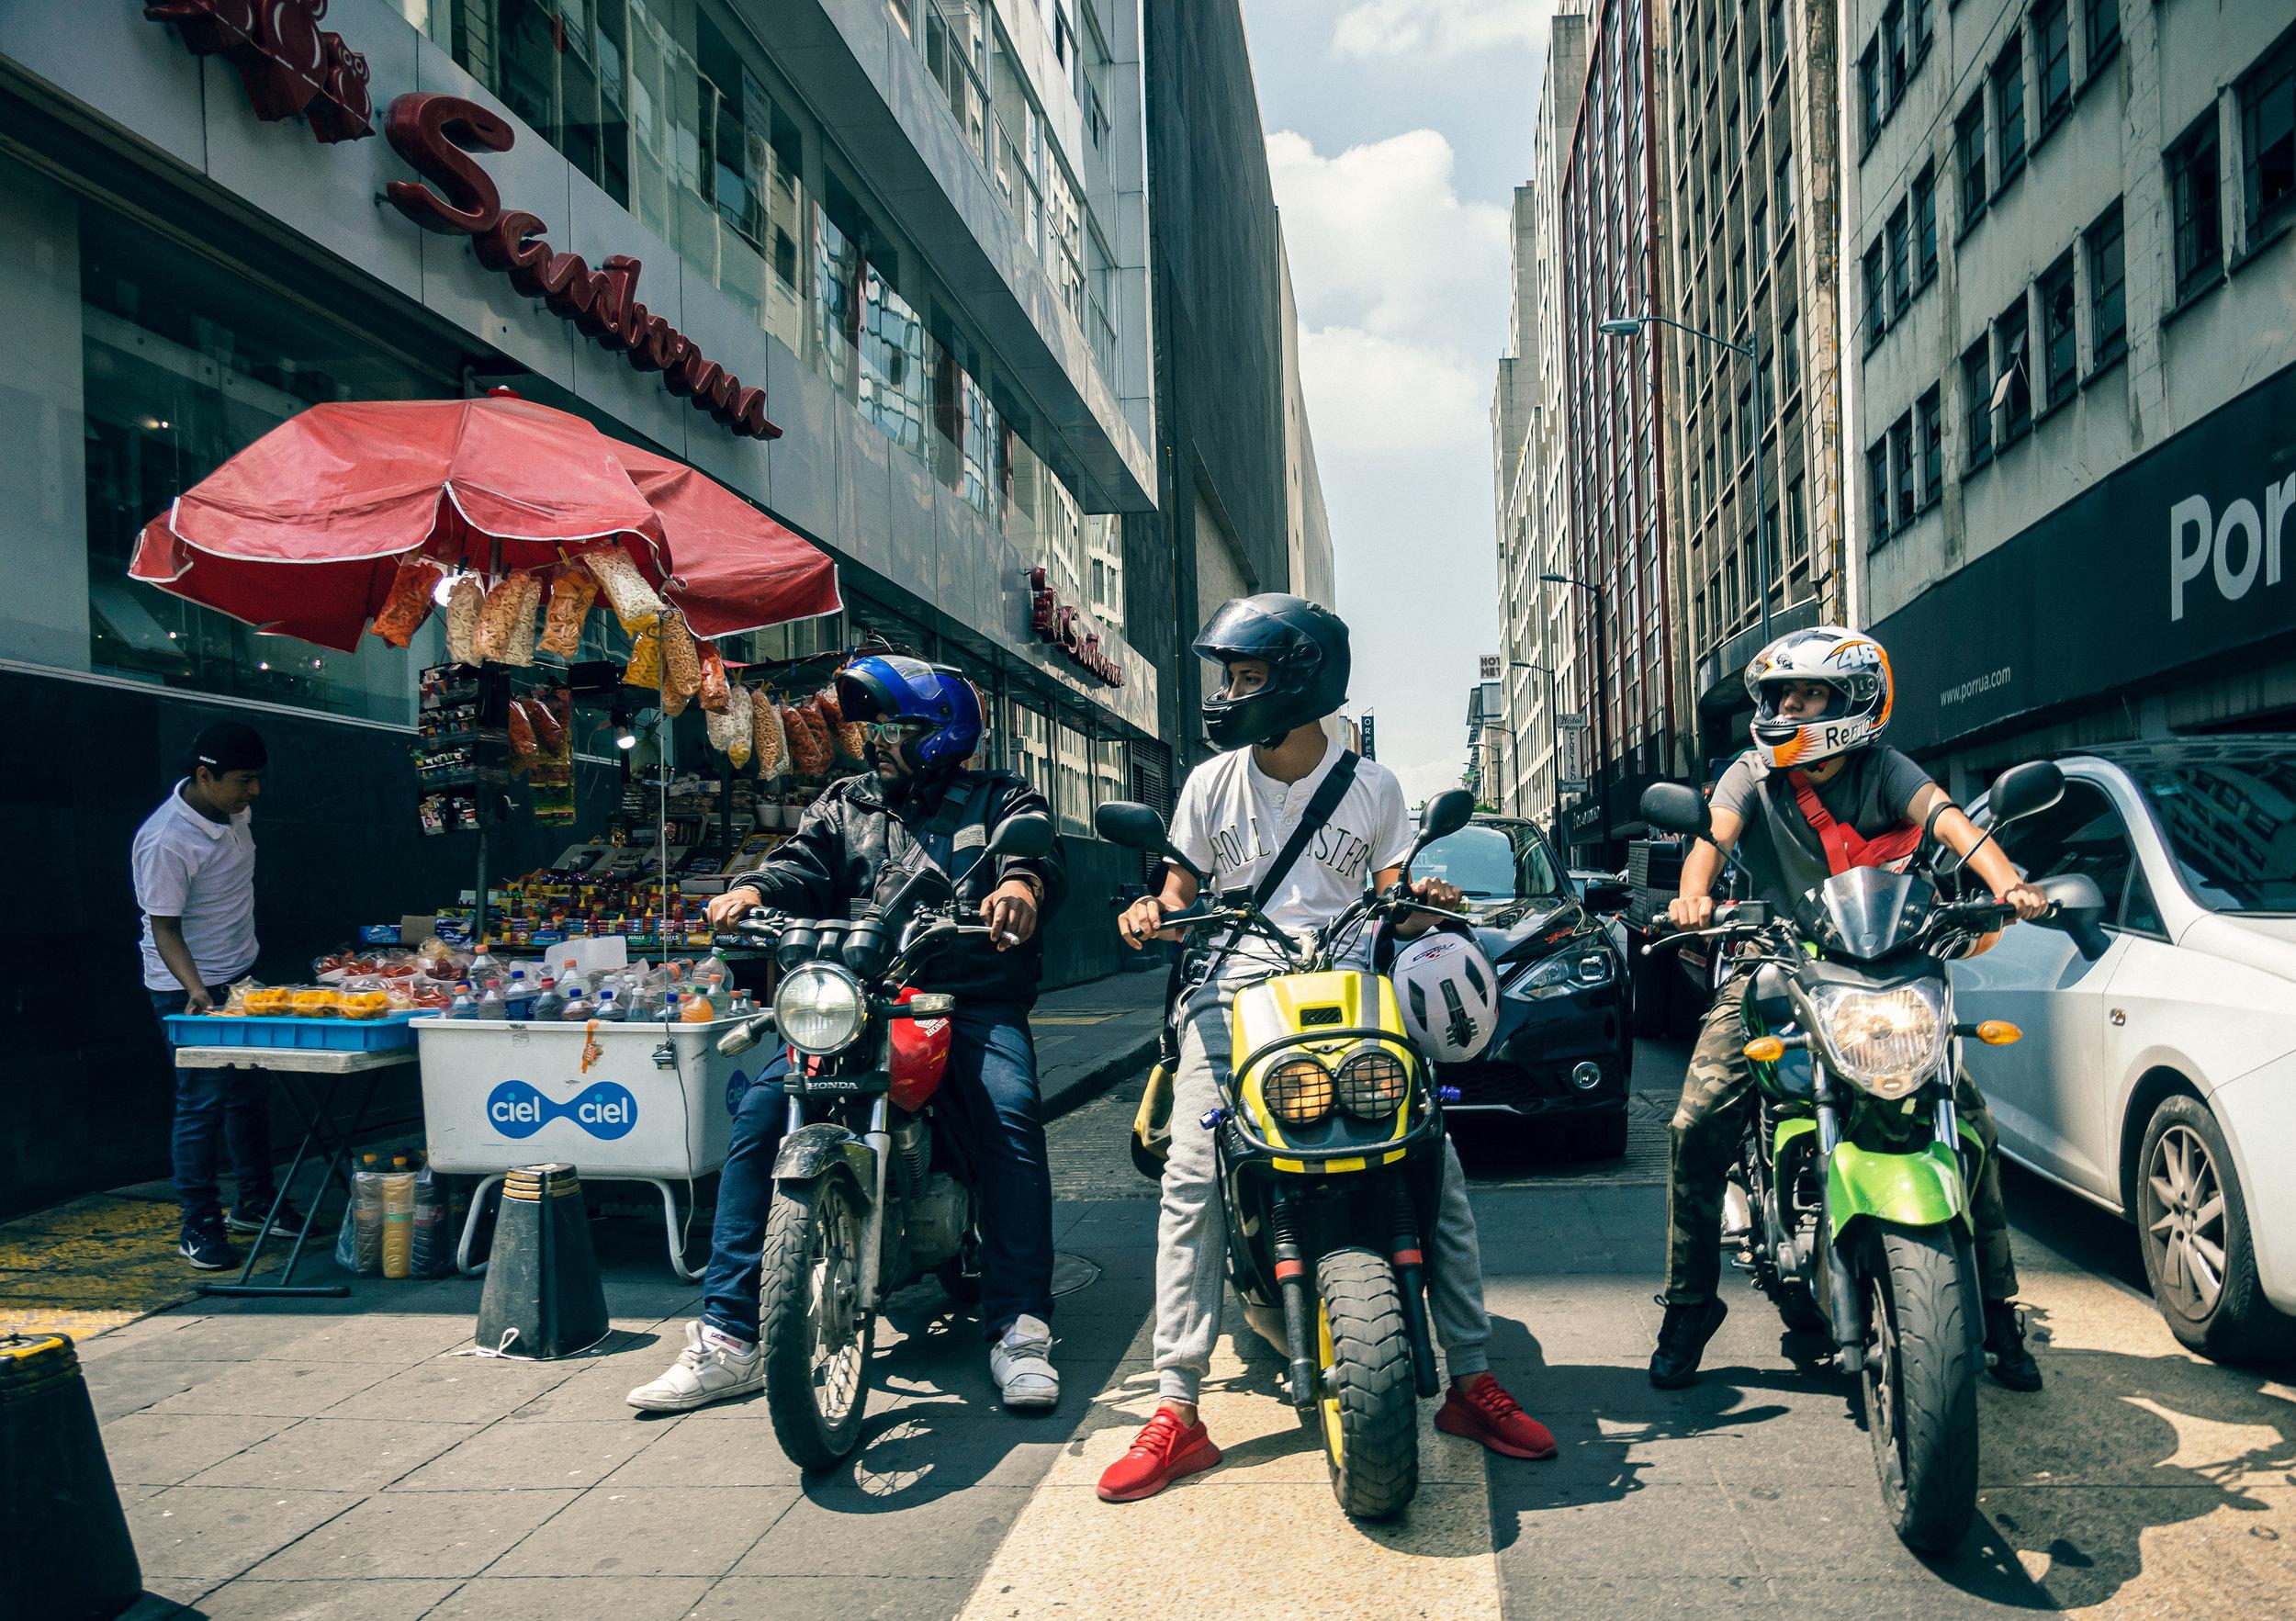 Tres Motos, El Centro, Mexico City